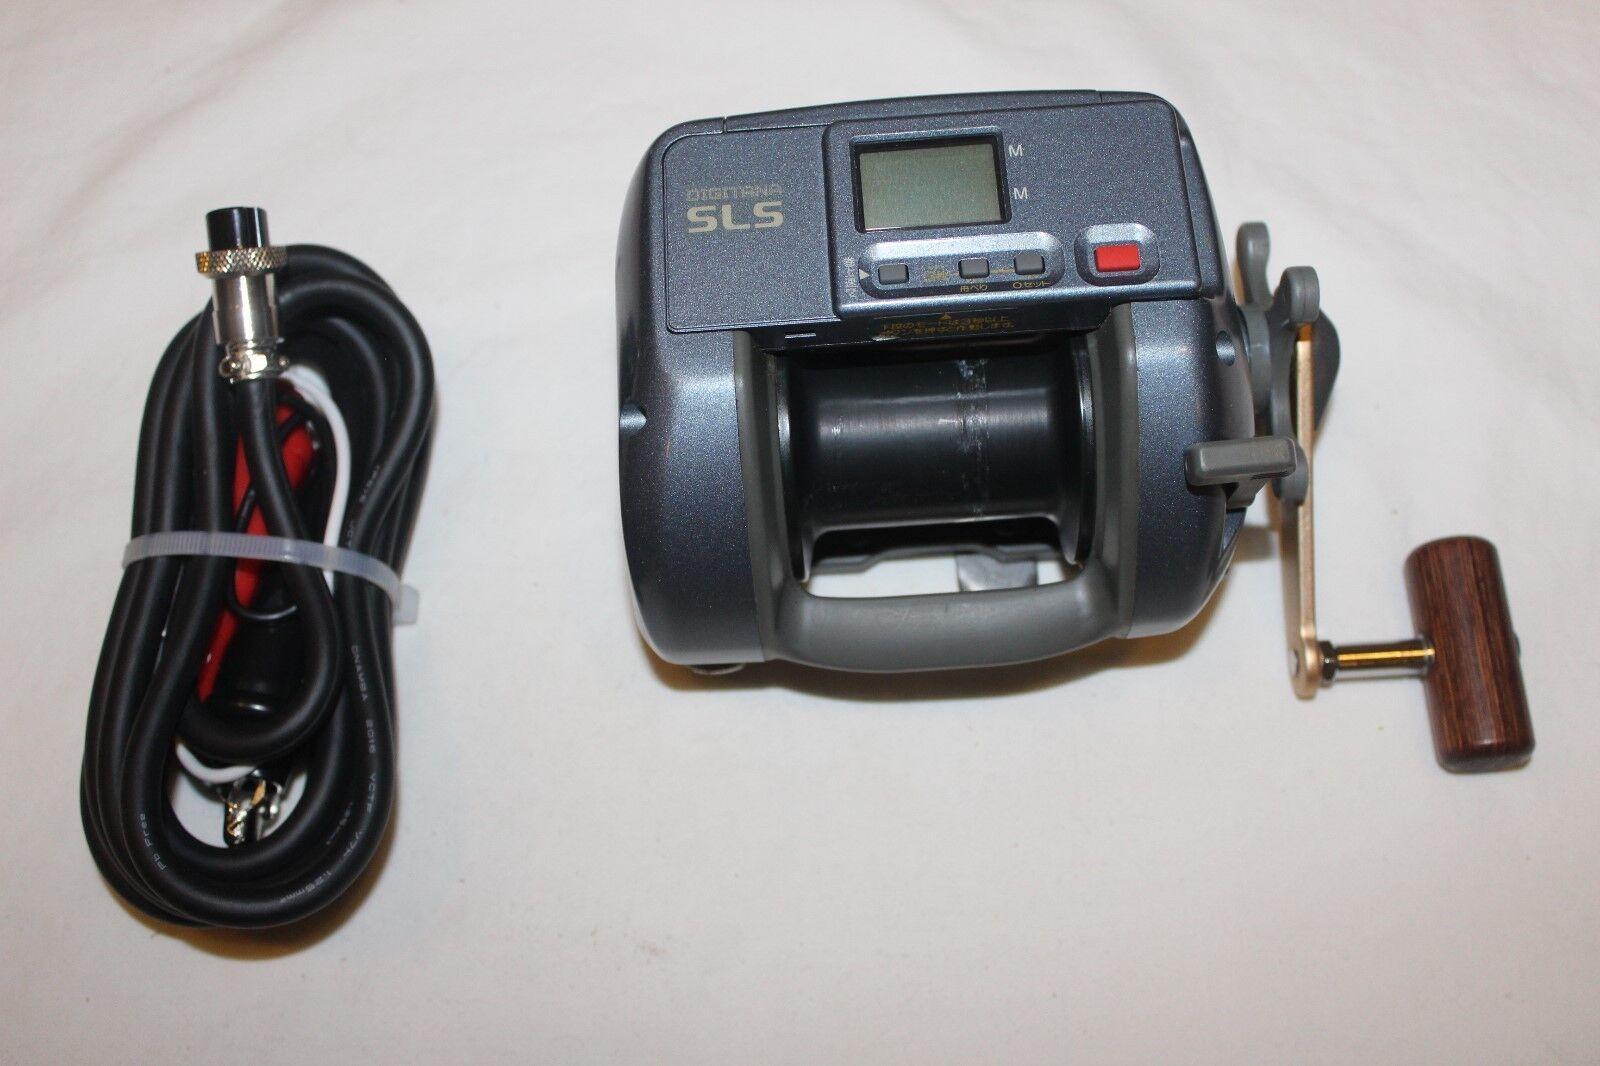 SHIMANO DENDOUMaru 3000 EVelektrorolleMade in Japannr865